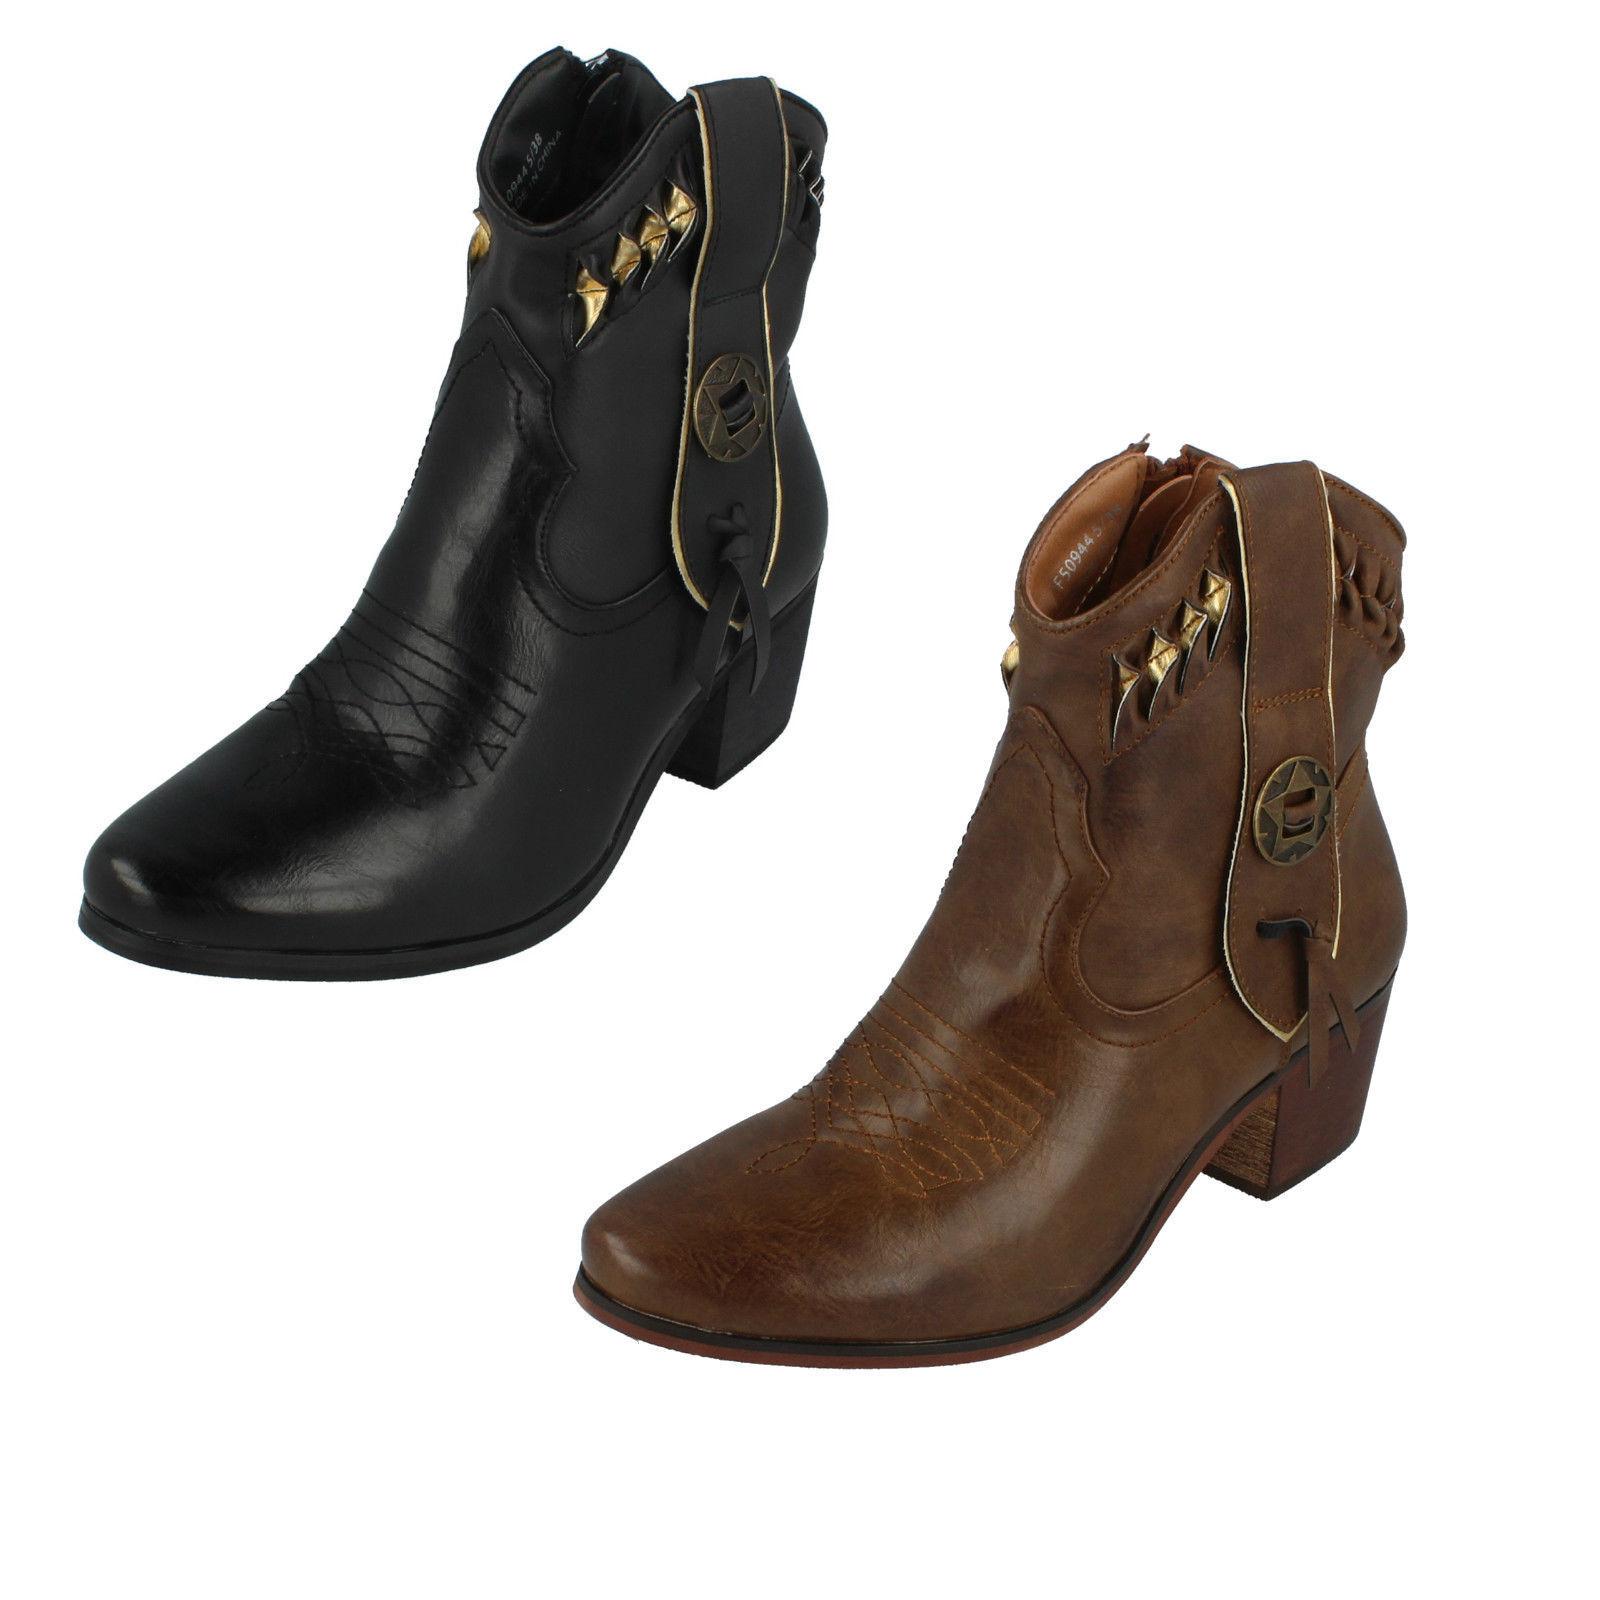 Señoras Señoras Señoras Down to Earth Tobillo botas De Vaquero tamaños UK 3 - 8 F5R0944  Compra calidad 100% autentica